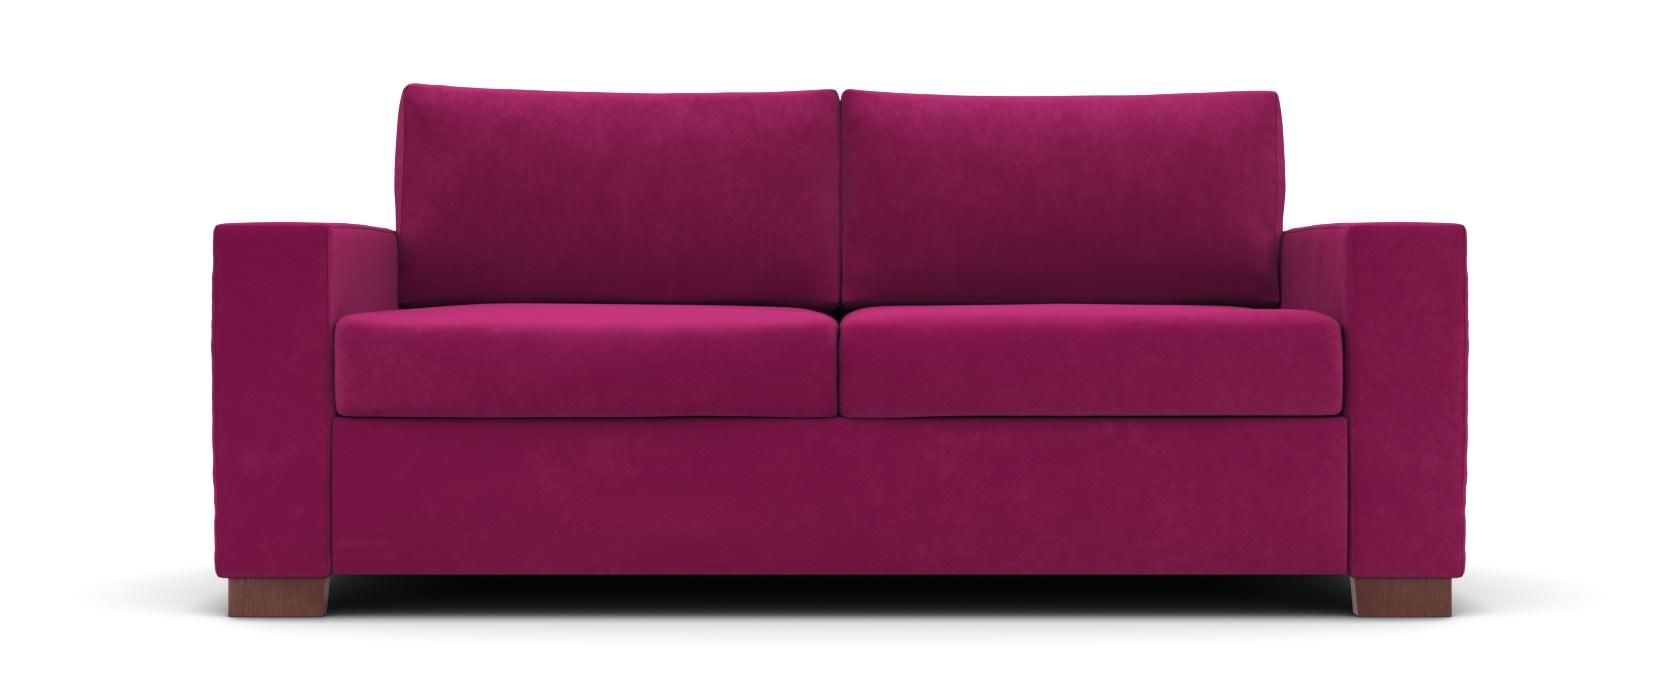 Трехместный диван Bella - Pufetto